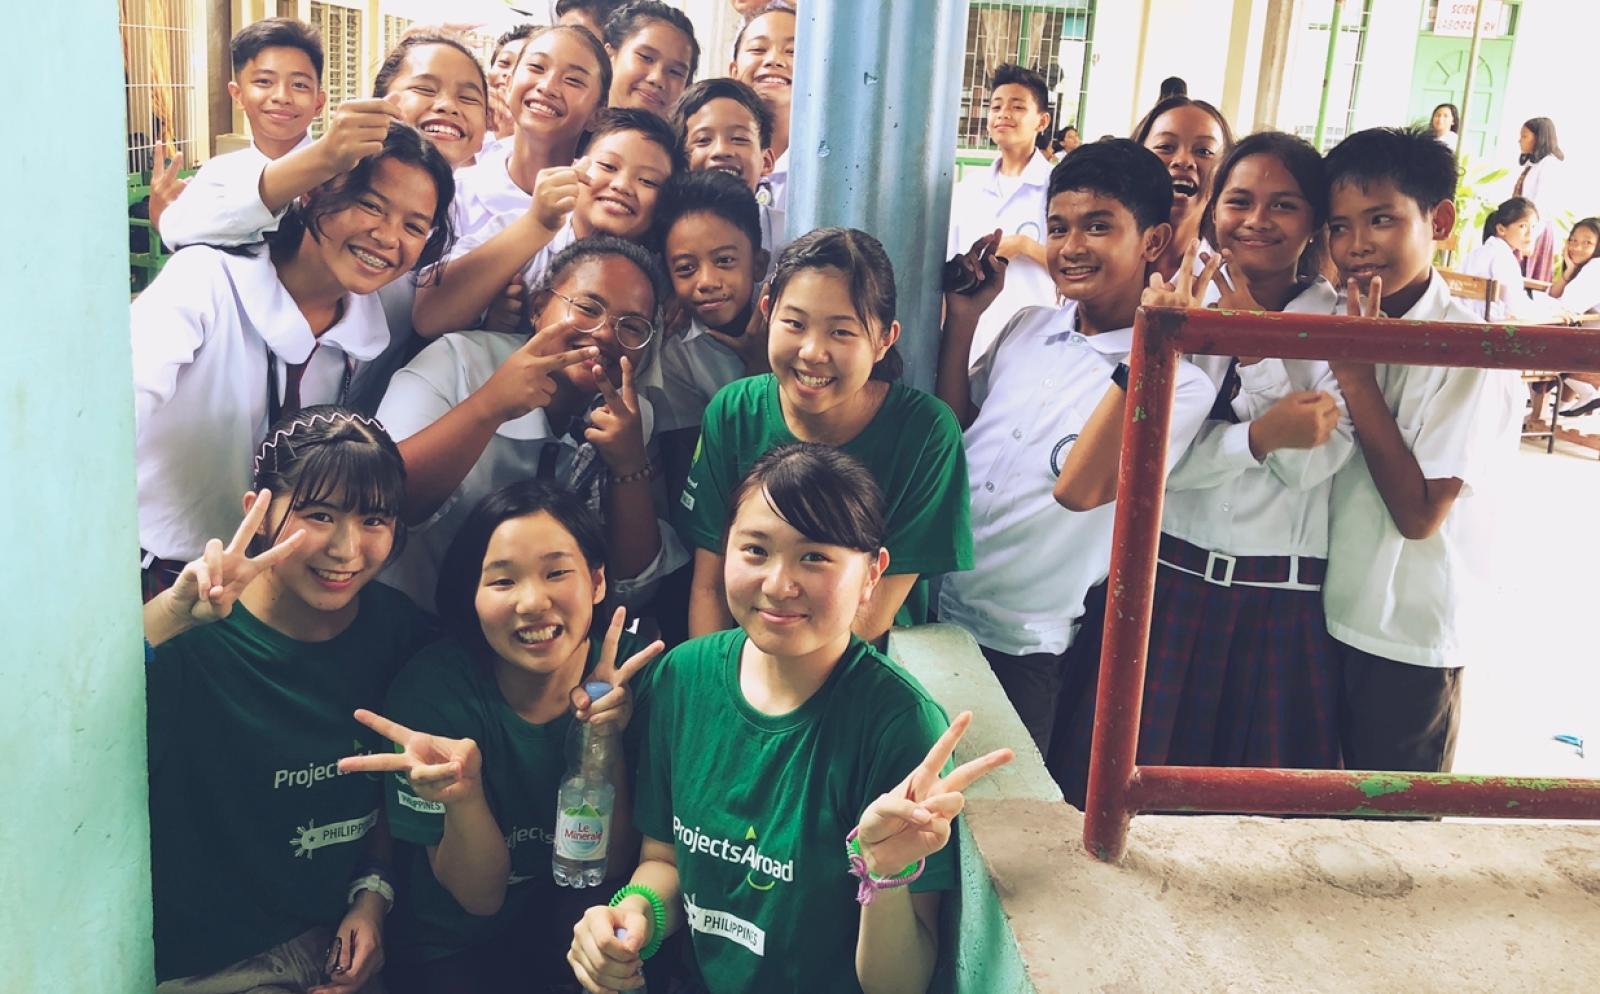 フィリピンの学校で公衆衛生活動に取りむ高校生ボランティア高橋優衣さんと現地の学生